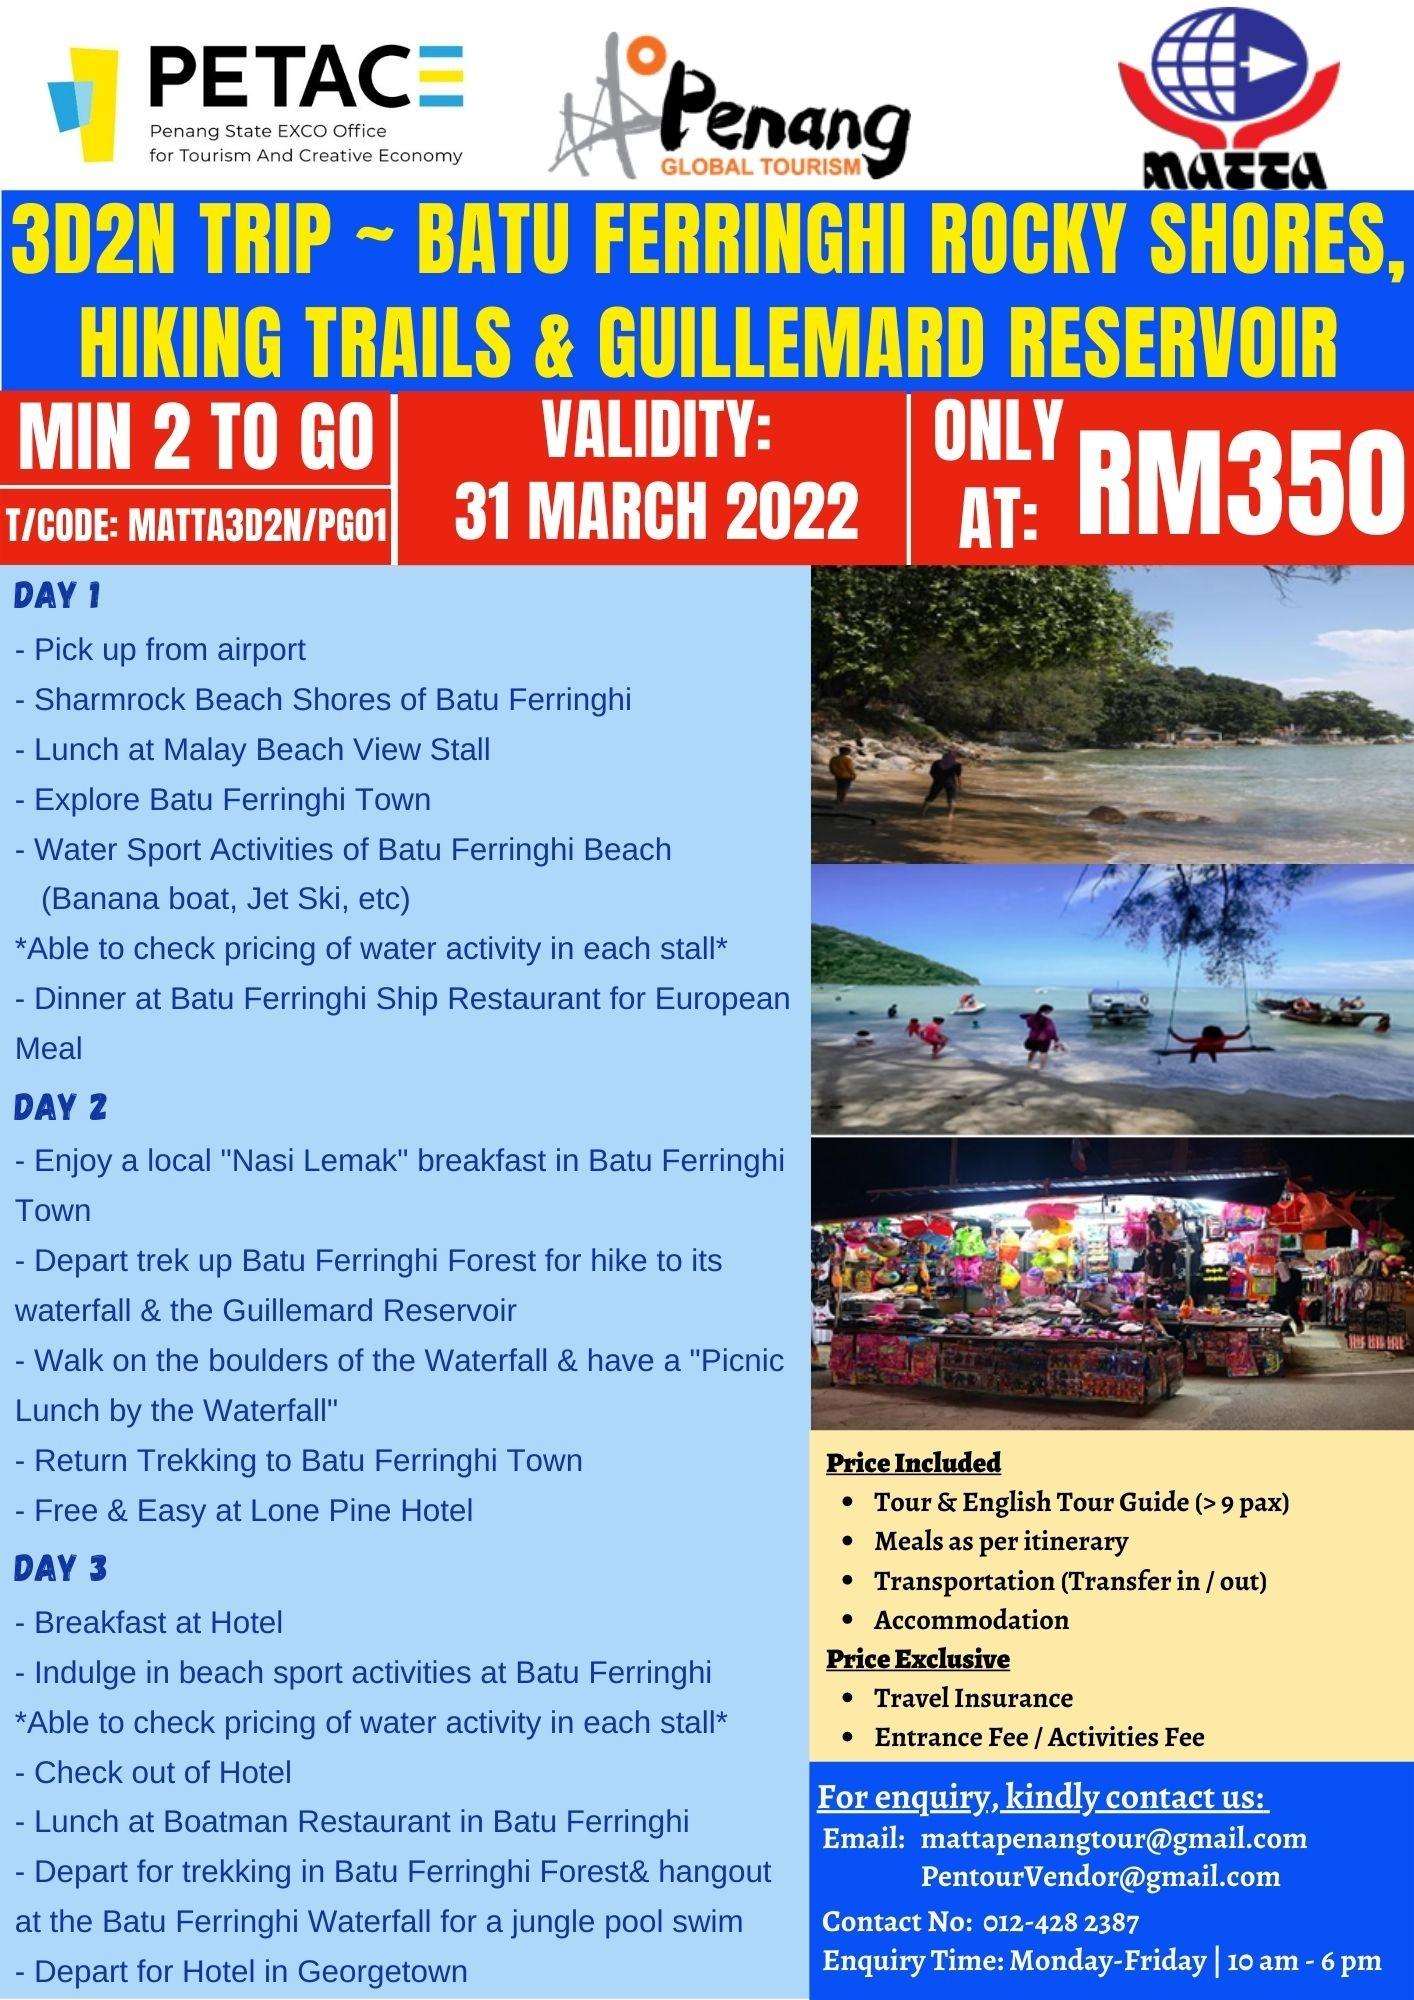 3D2N Trip ~ Batu Ferringhi Rocky Shores, Hiking Trails & Guillemard Reservoir